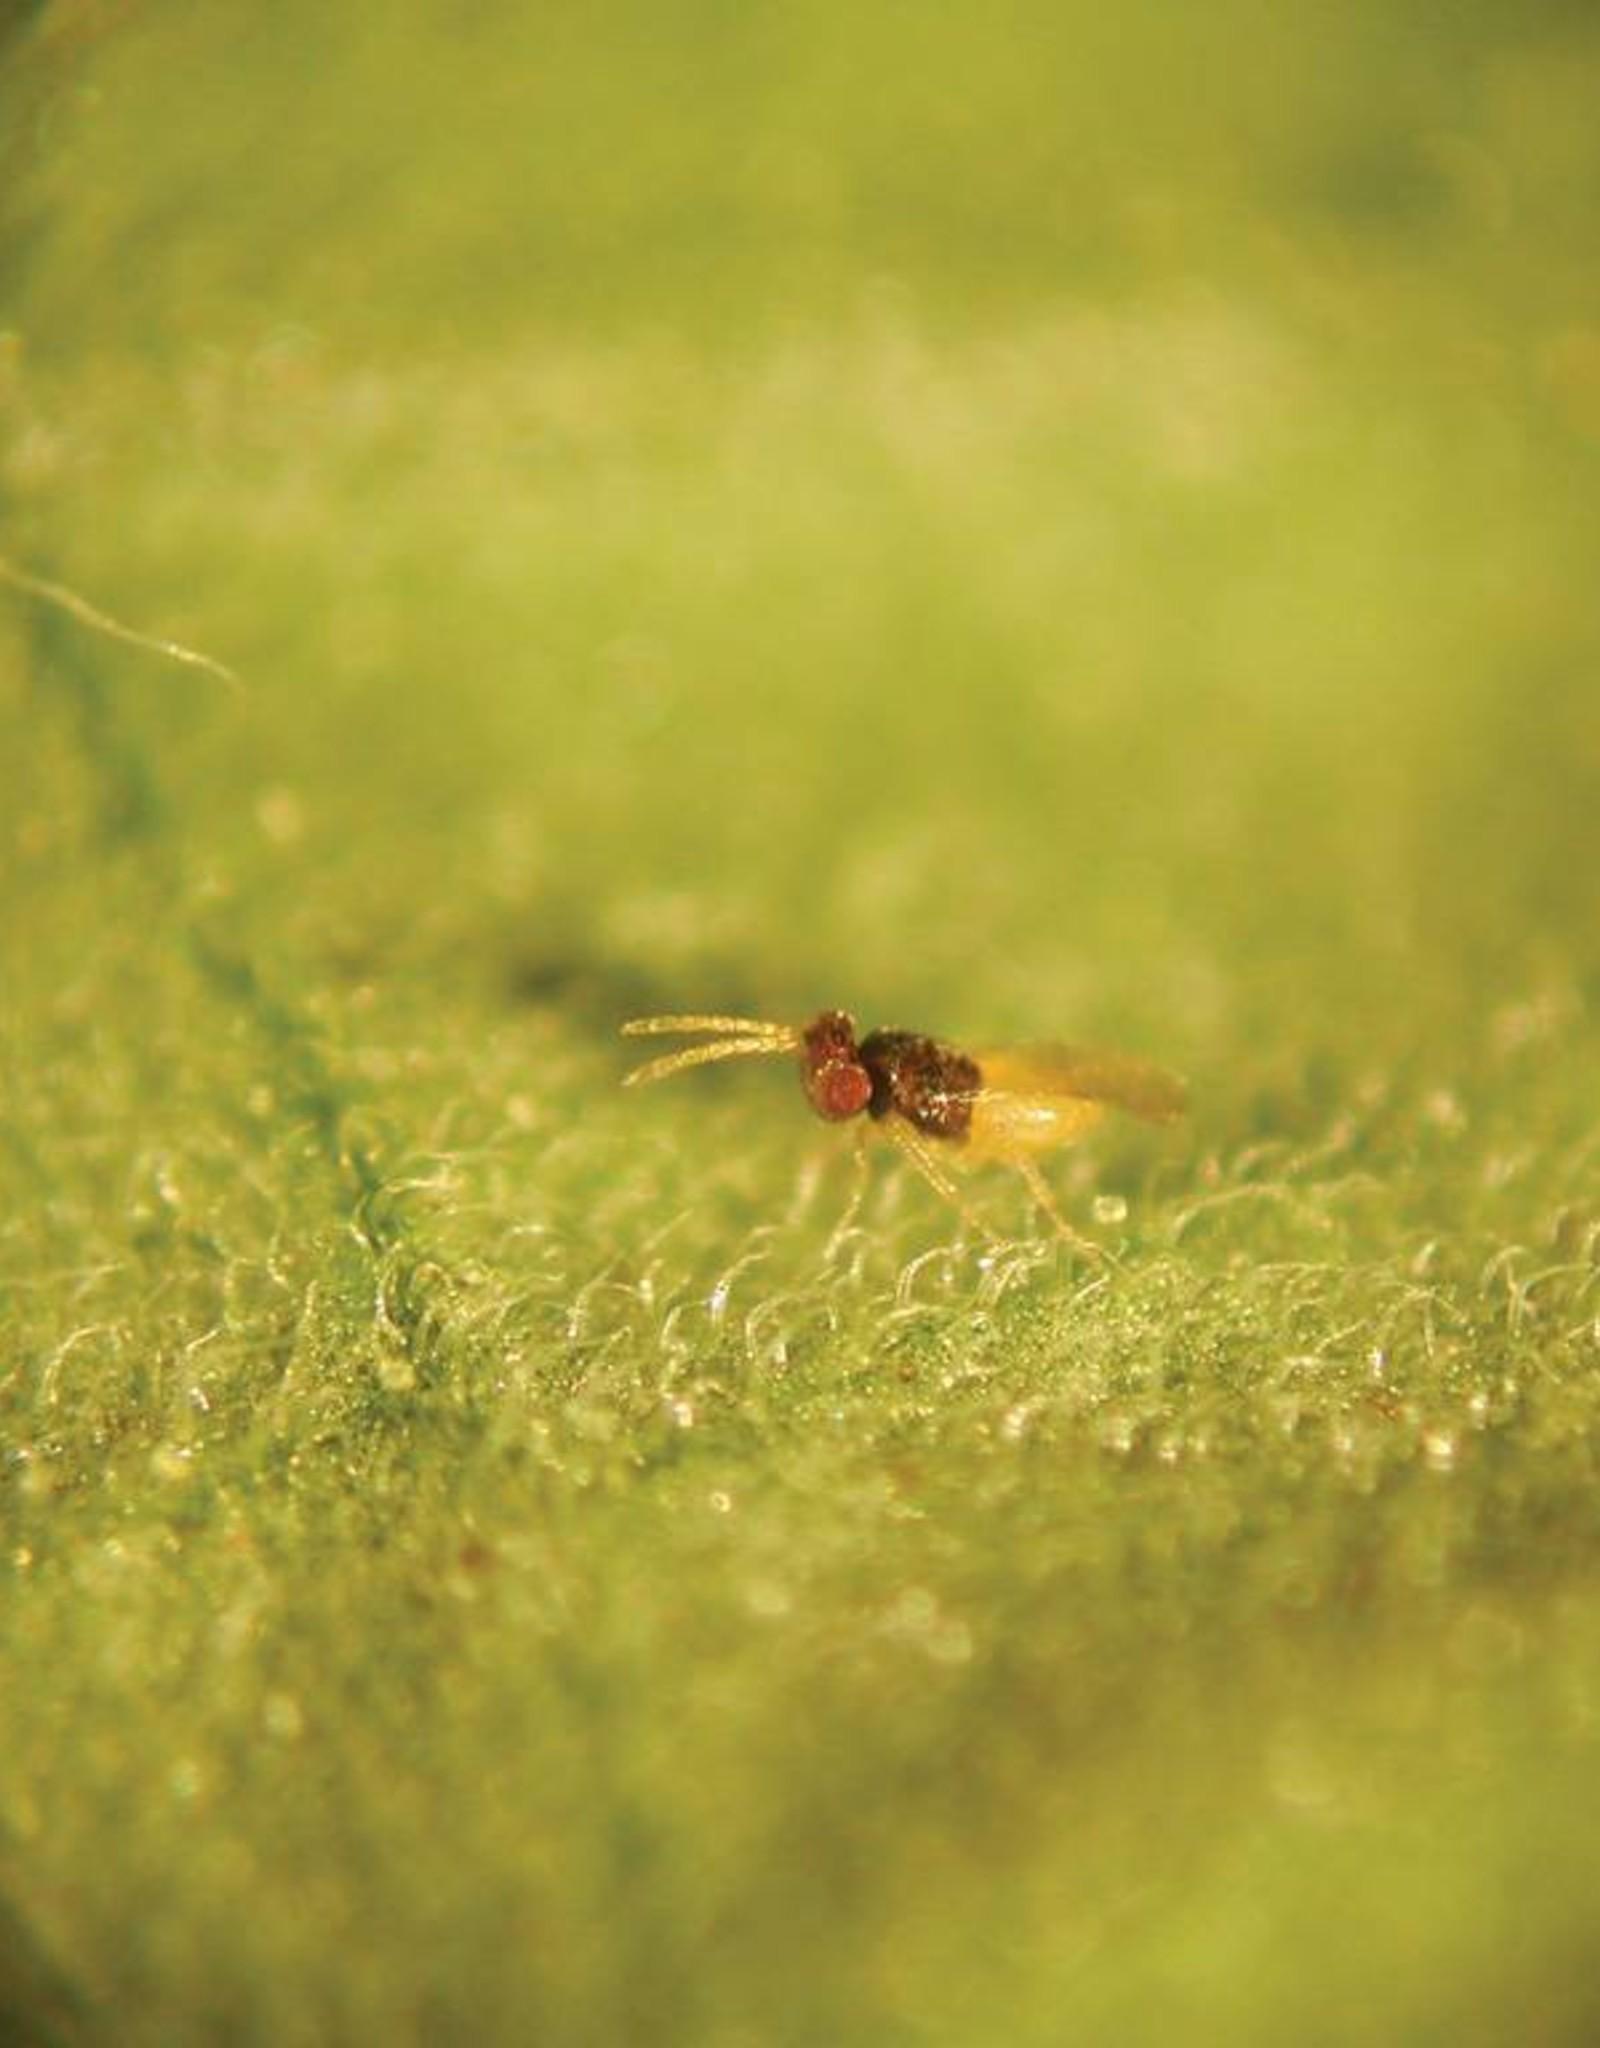 Brimex Biobest SluipwespBrimex Encarsia formosa